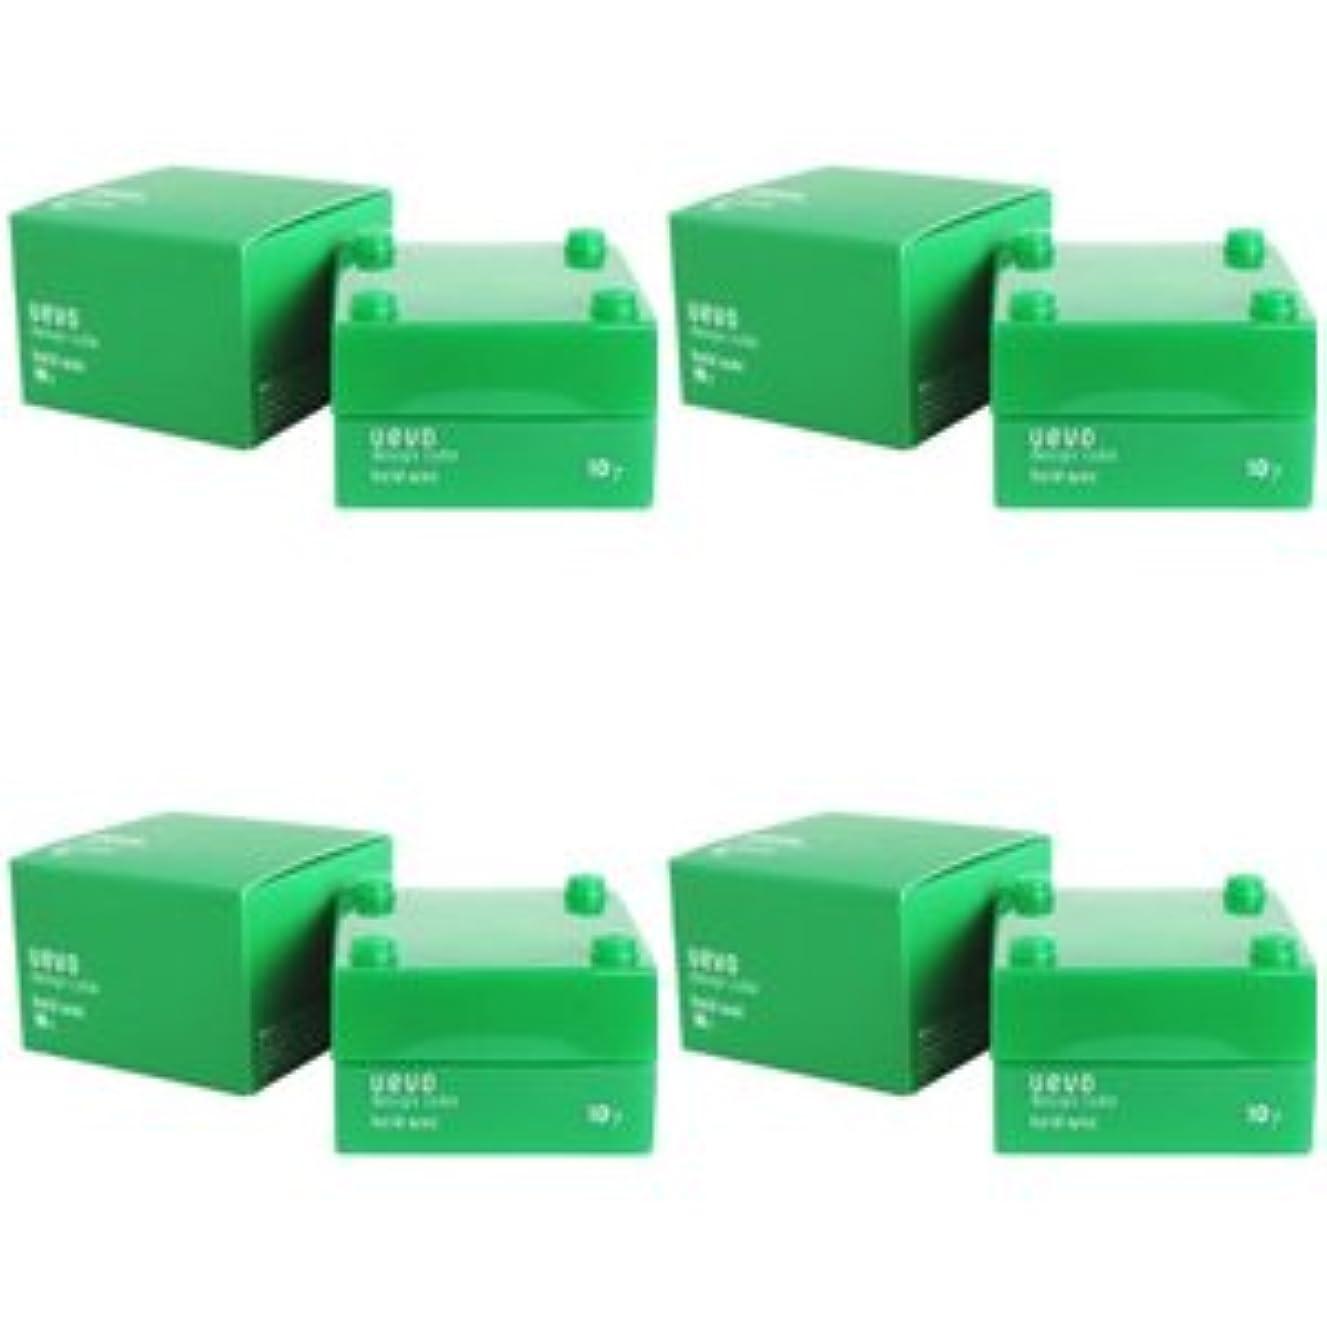 【X4個セット】 デミ ウェーボ デザインキューブ ホールドワックス 30g hold wax DEMI uevo design cube